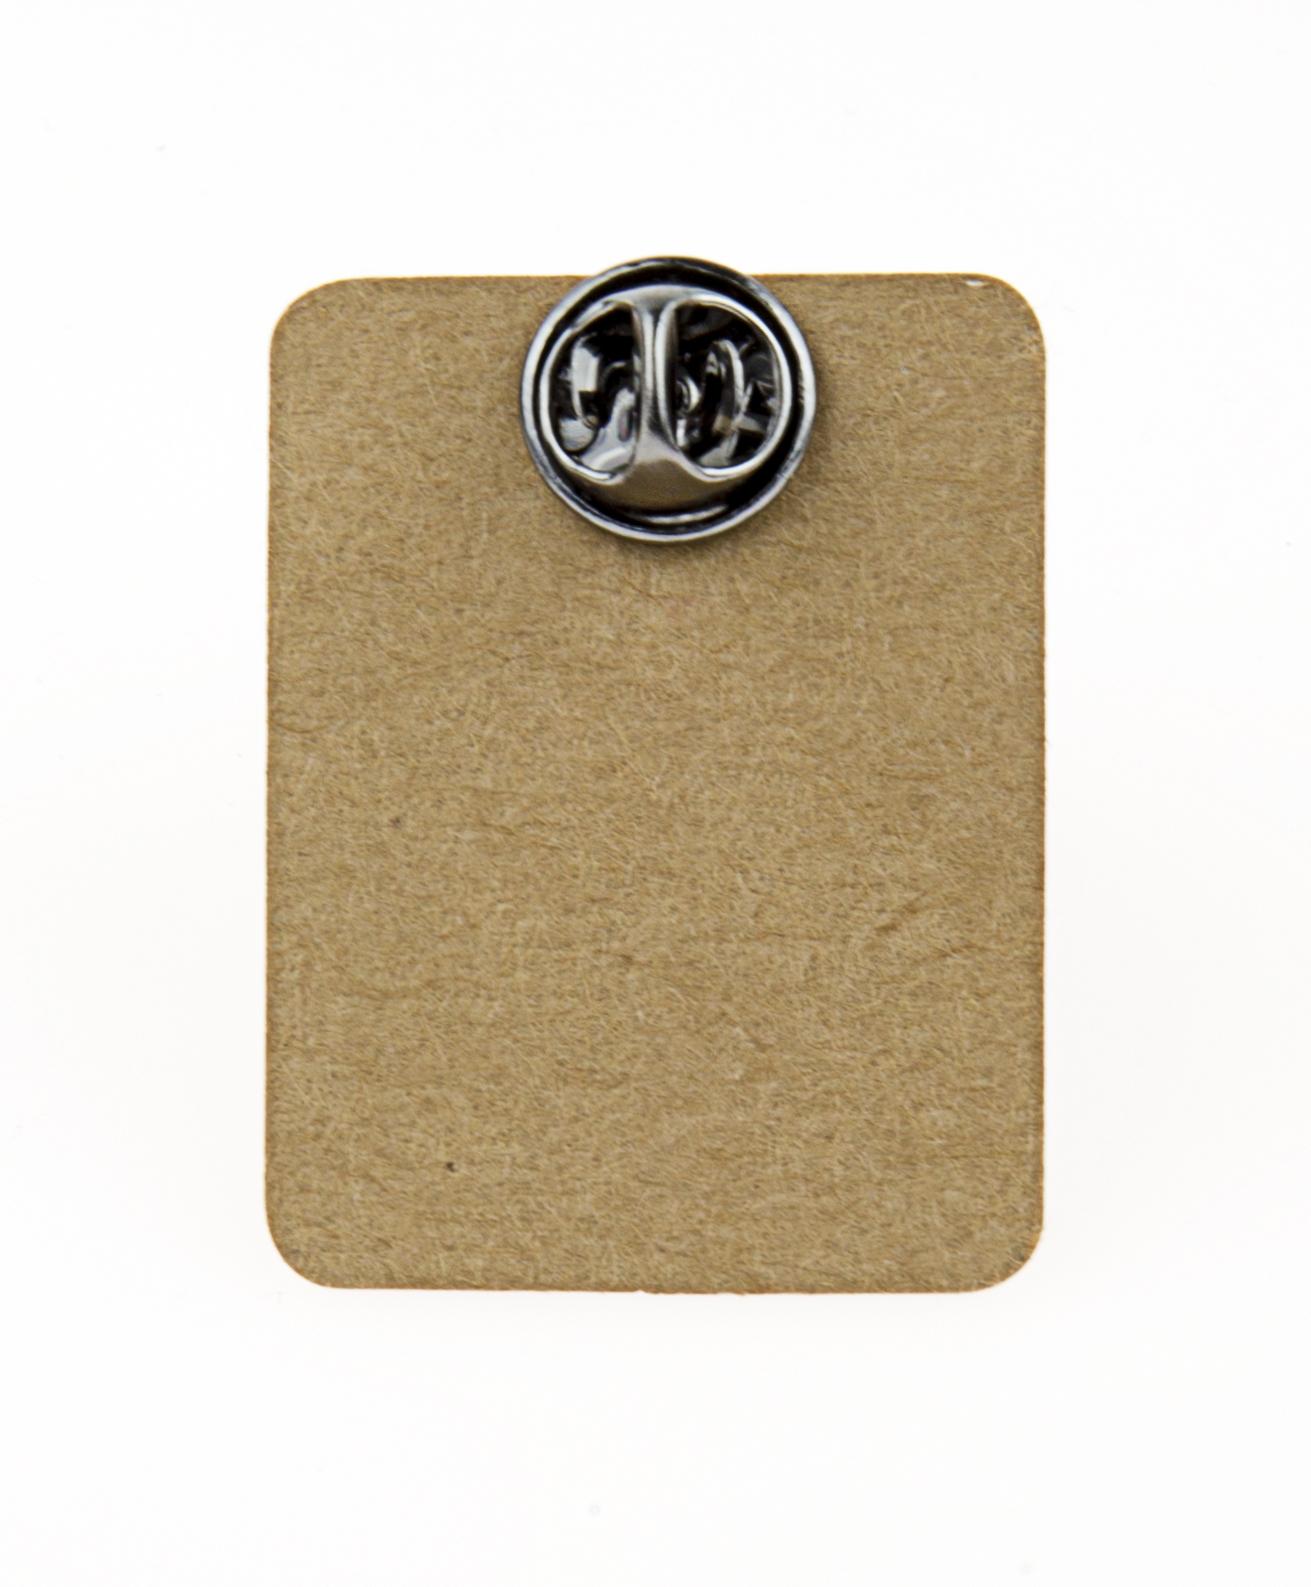 Metal Cookie Monster Enamel Pin Badge